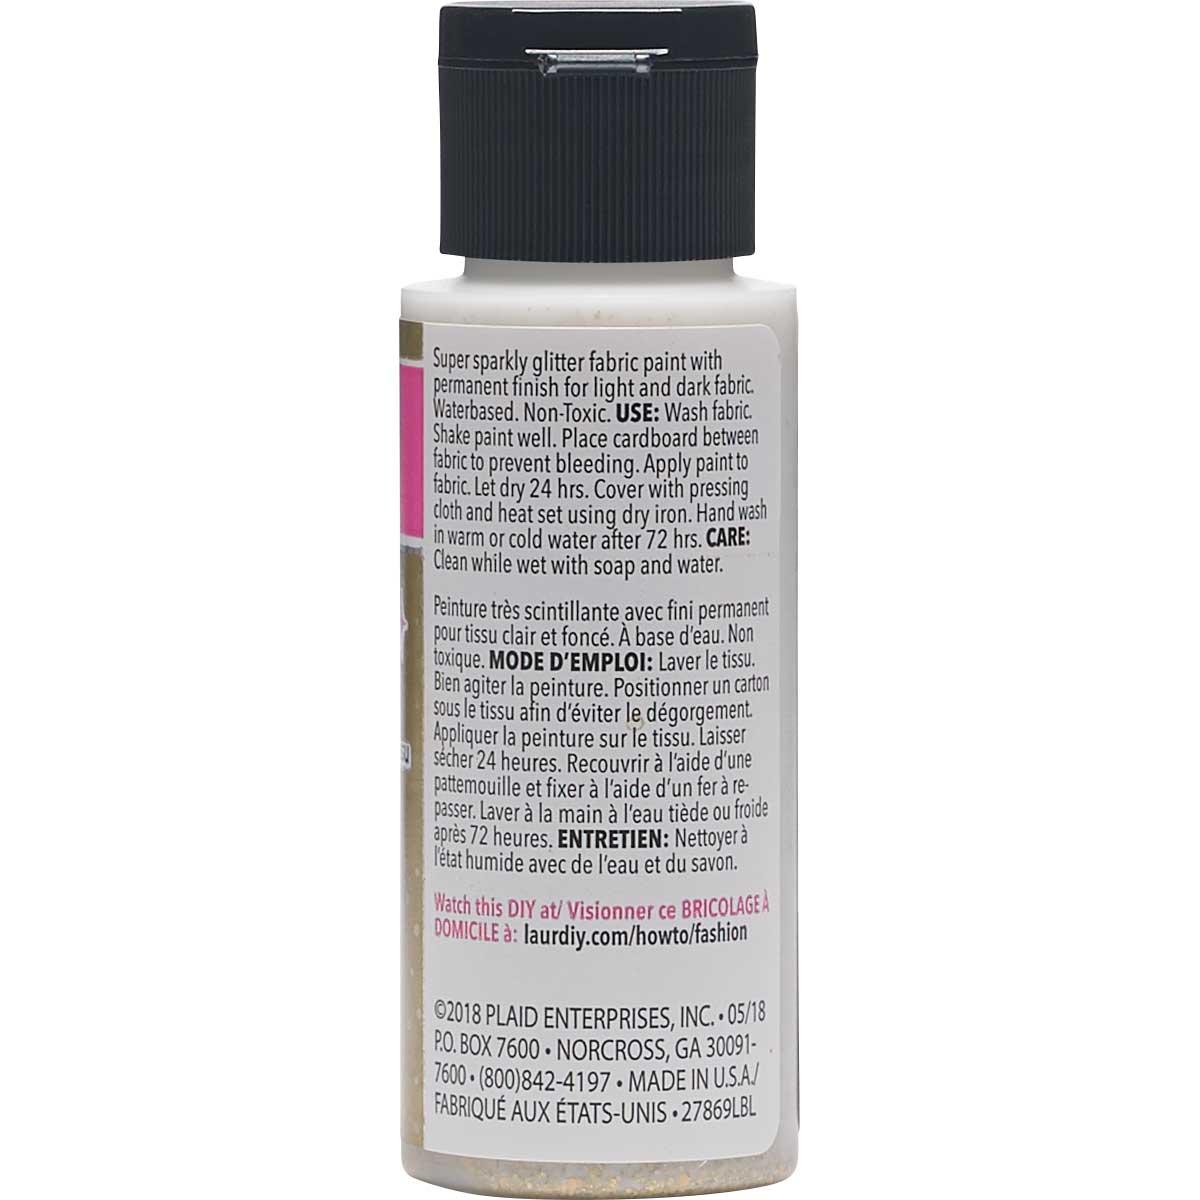 LaurDIY ® Galaxy Glitter Fabric Paint - Superstar, 2 oz.